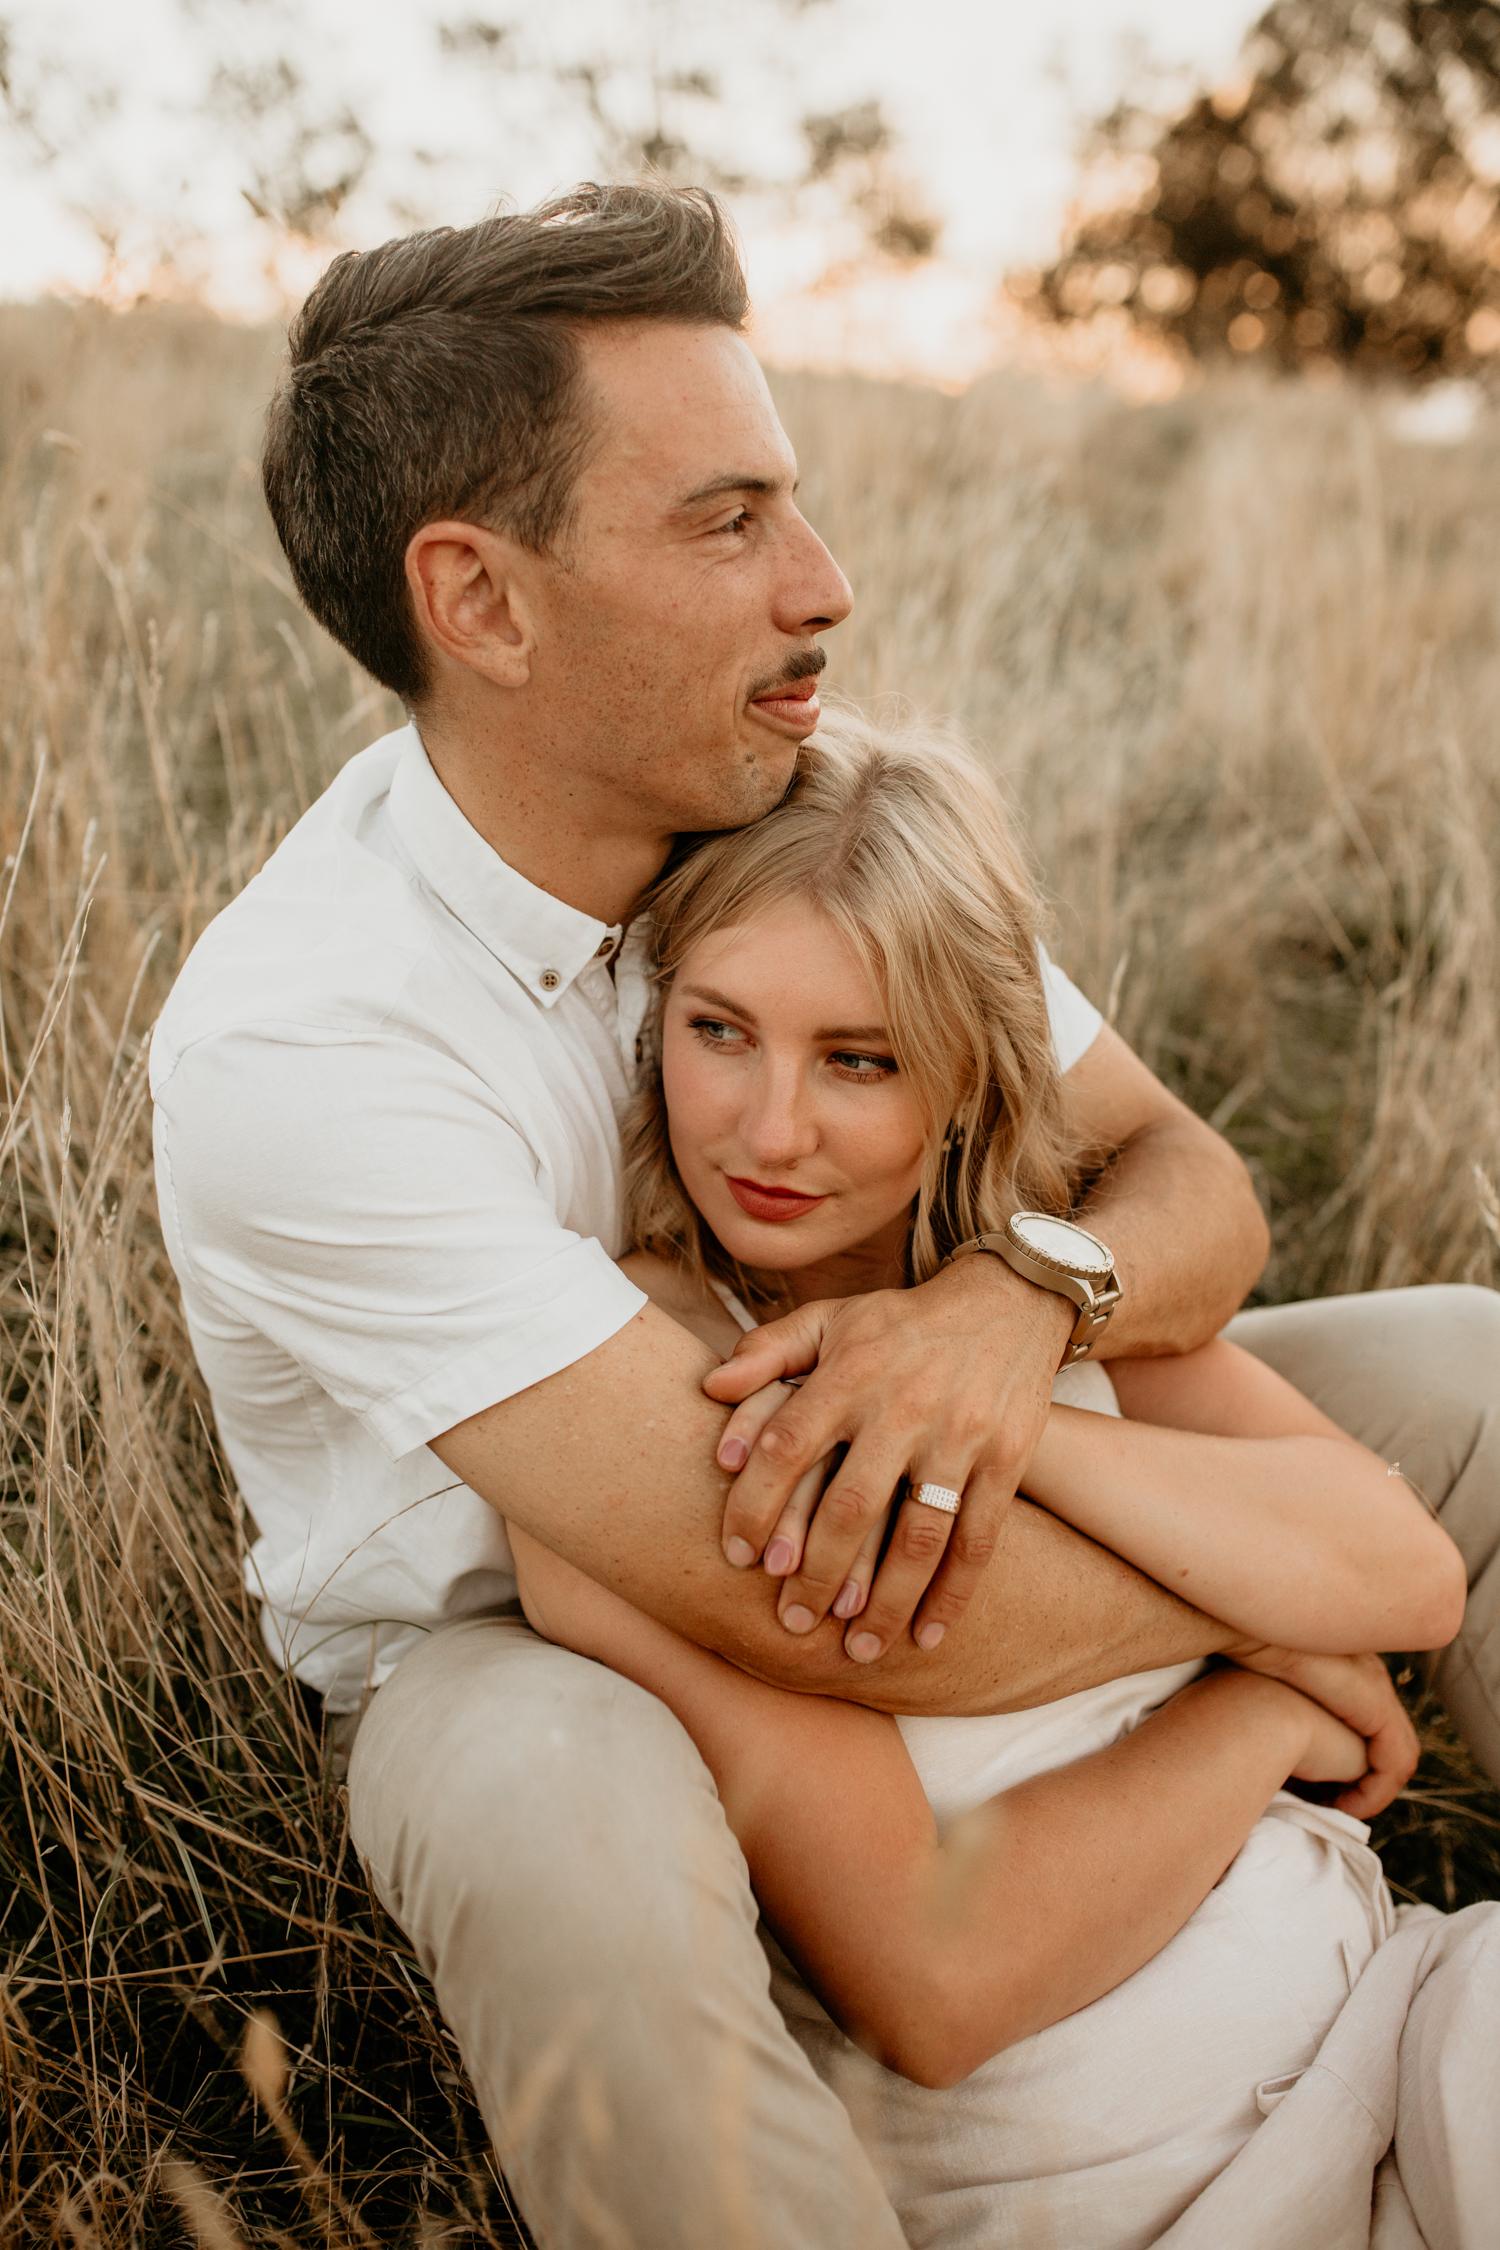 NessChrisWatson-NewZealandPhotographer-GoldenHour-Couple-Adventure-6135.jpg